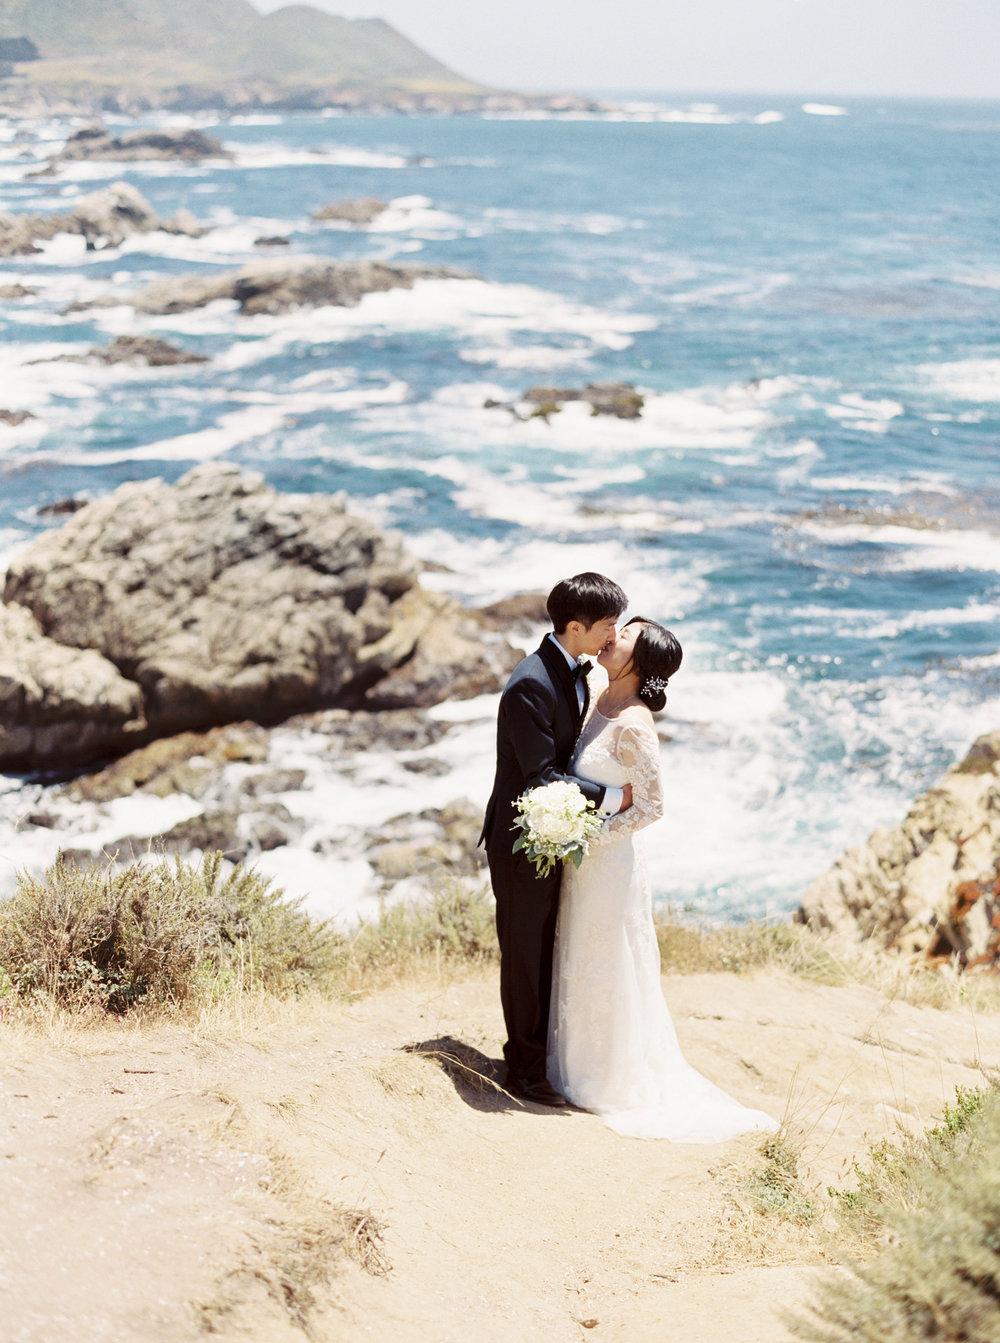 carmel-wedding-at-wedgewood-carmel-california-10.jpg